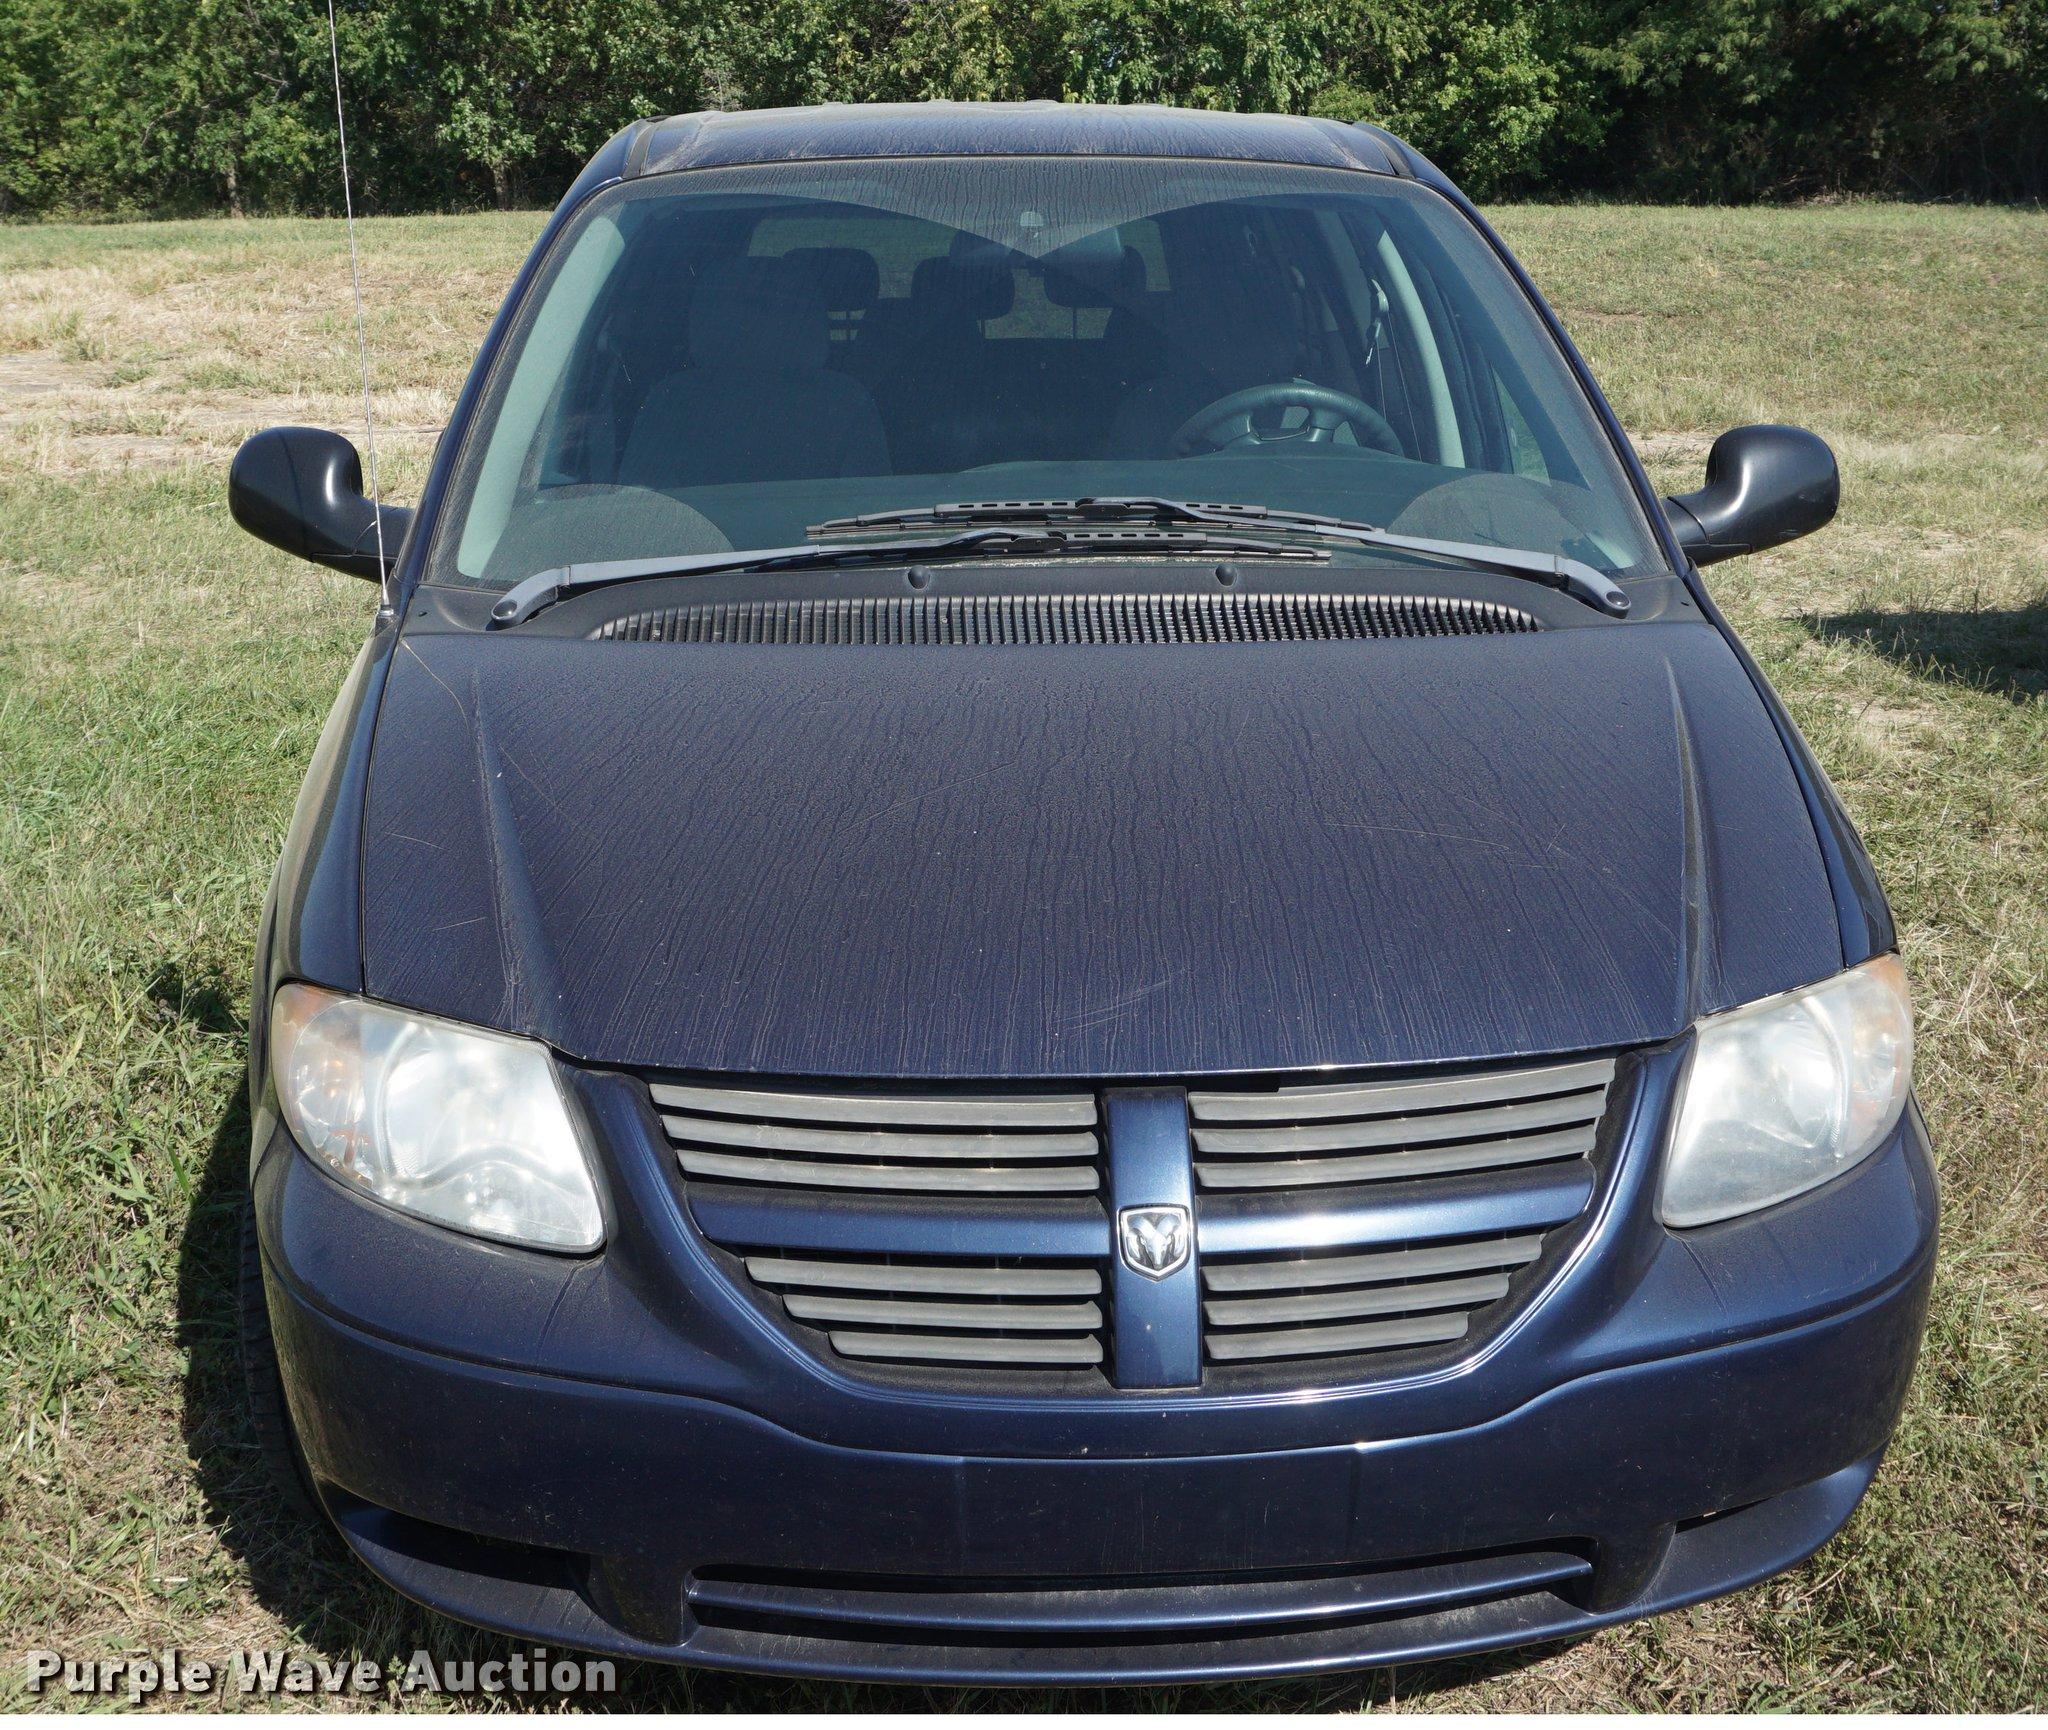 2005 Dodge Grand Caravan Van Item Dd6548 Sold October 2 Fuel Filter Full Size In New Window